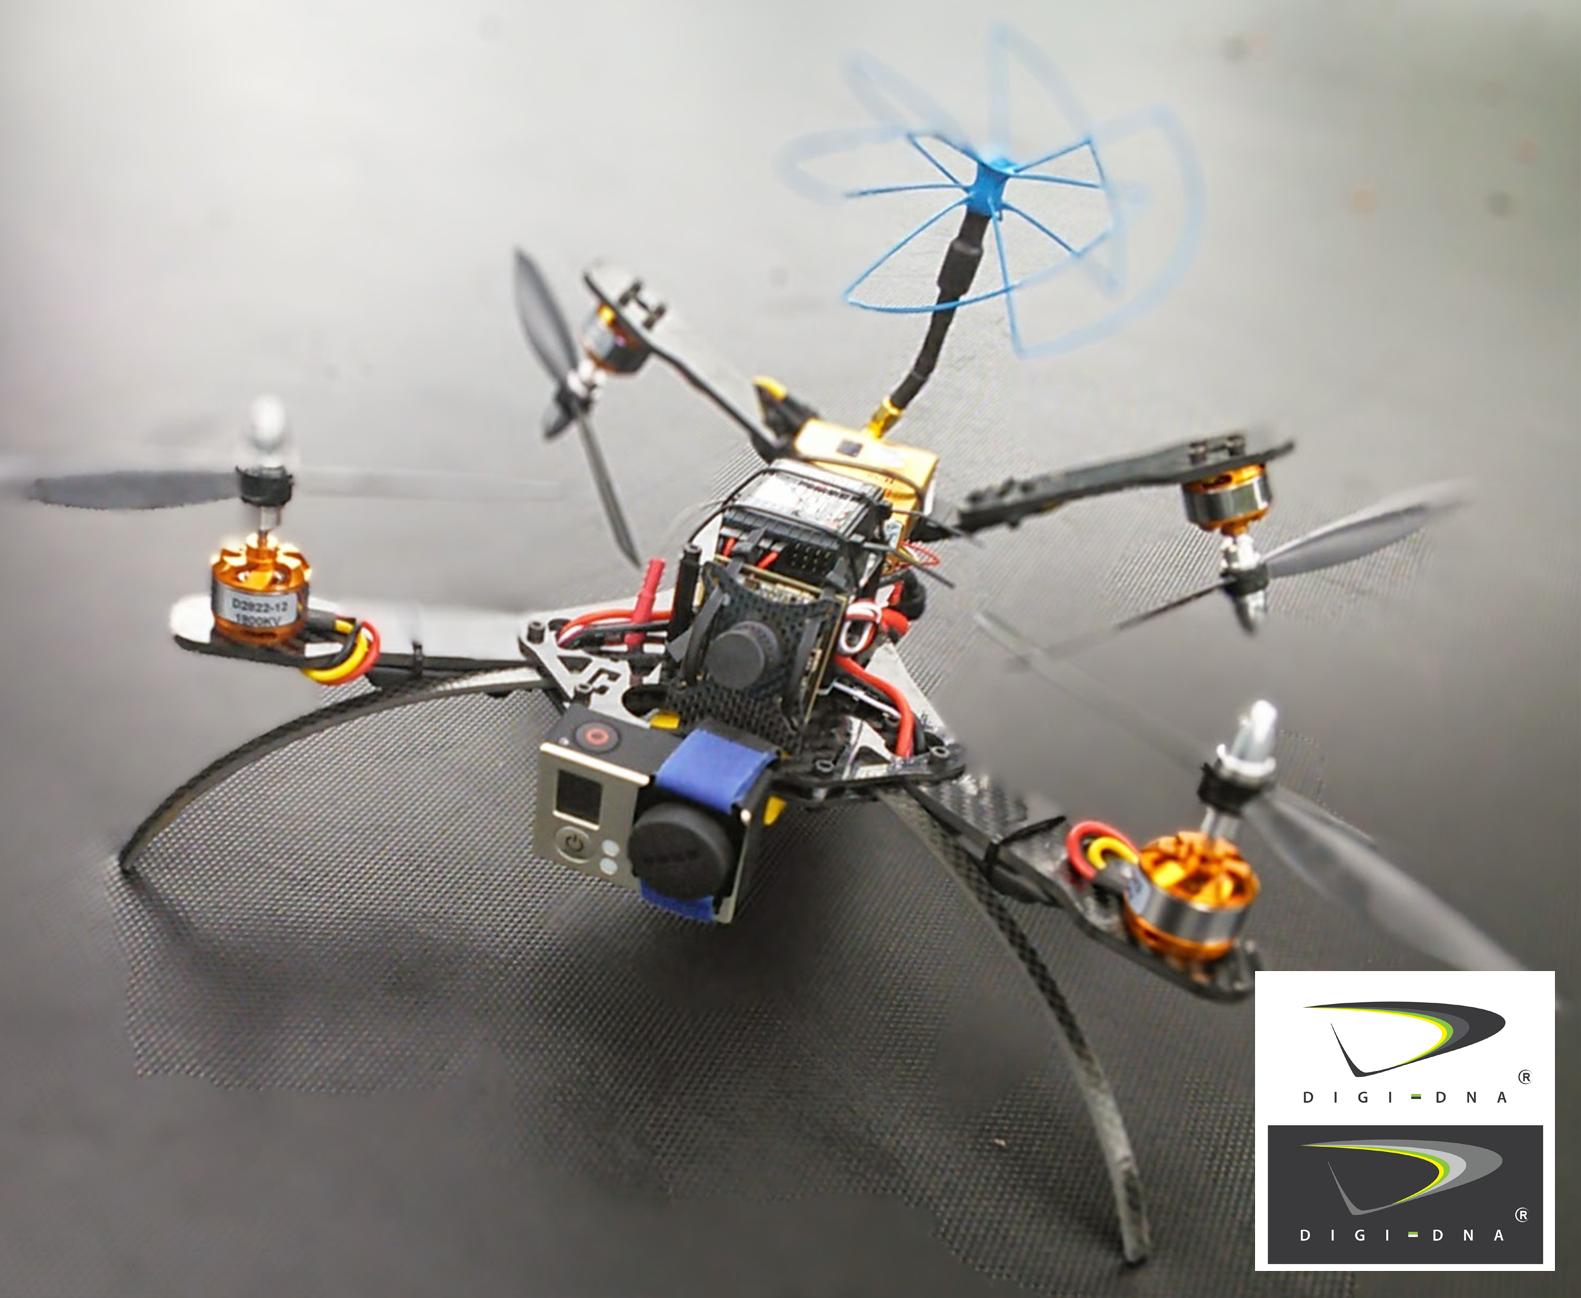 DIY Drones Biggest Drone Building Website